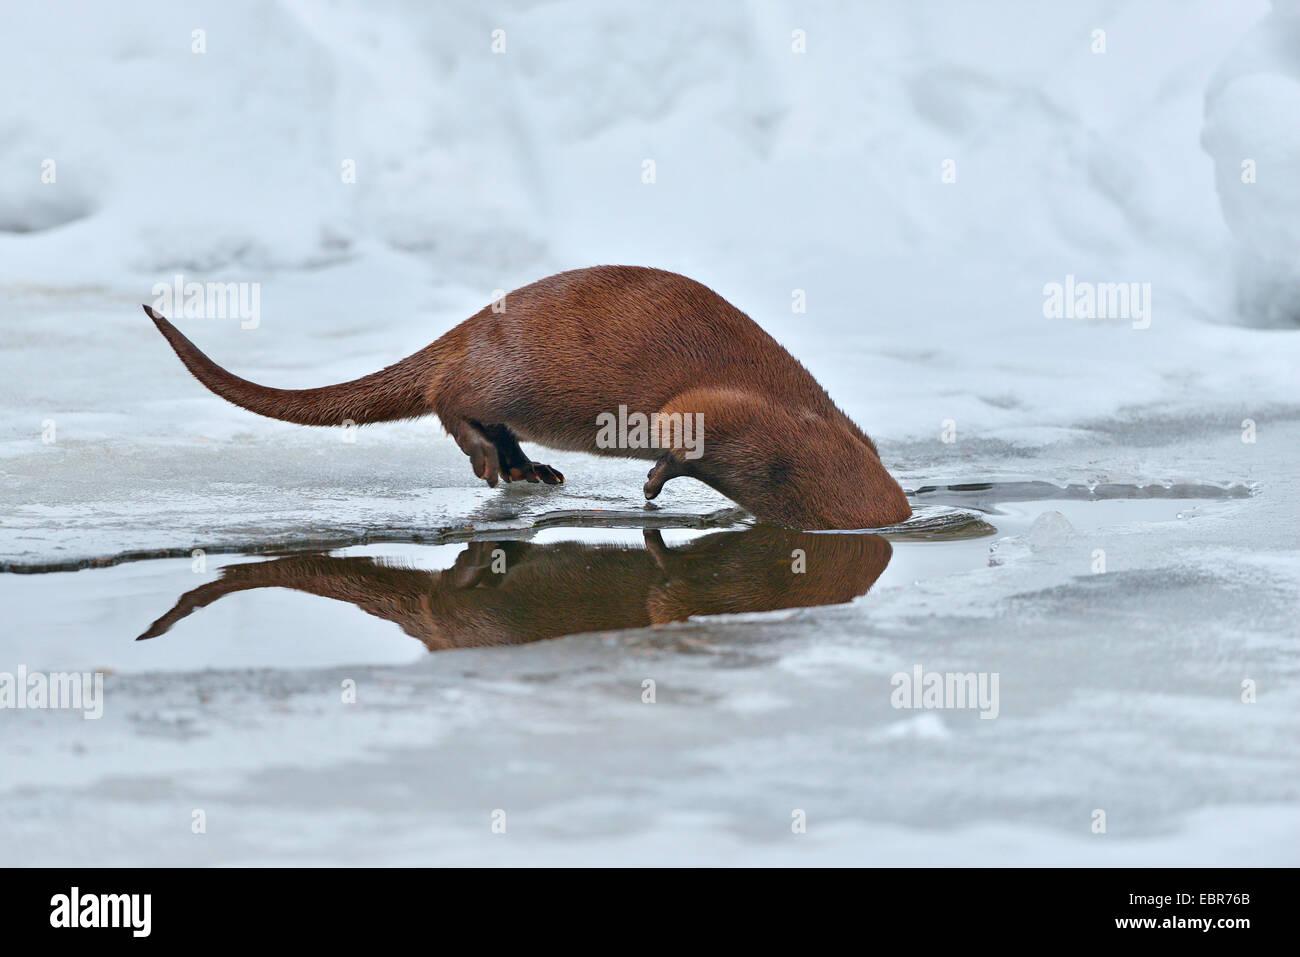 European river otter, European Otter, Eurasian Otter (Lutra lutra), submerging, Germany, Bavaria, Bavarian Forest Stock Photo